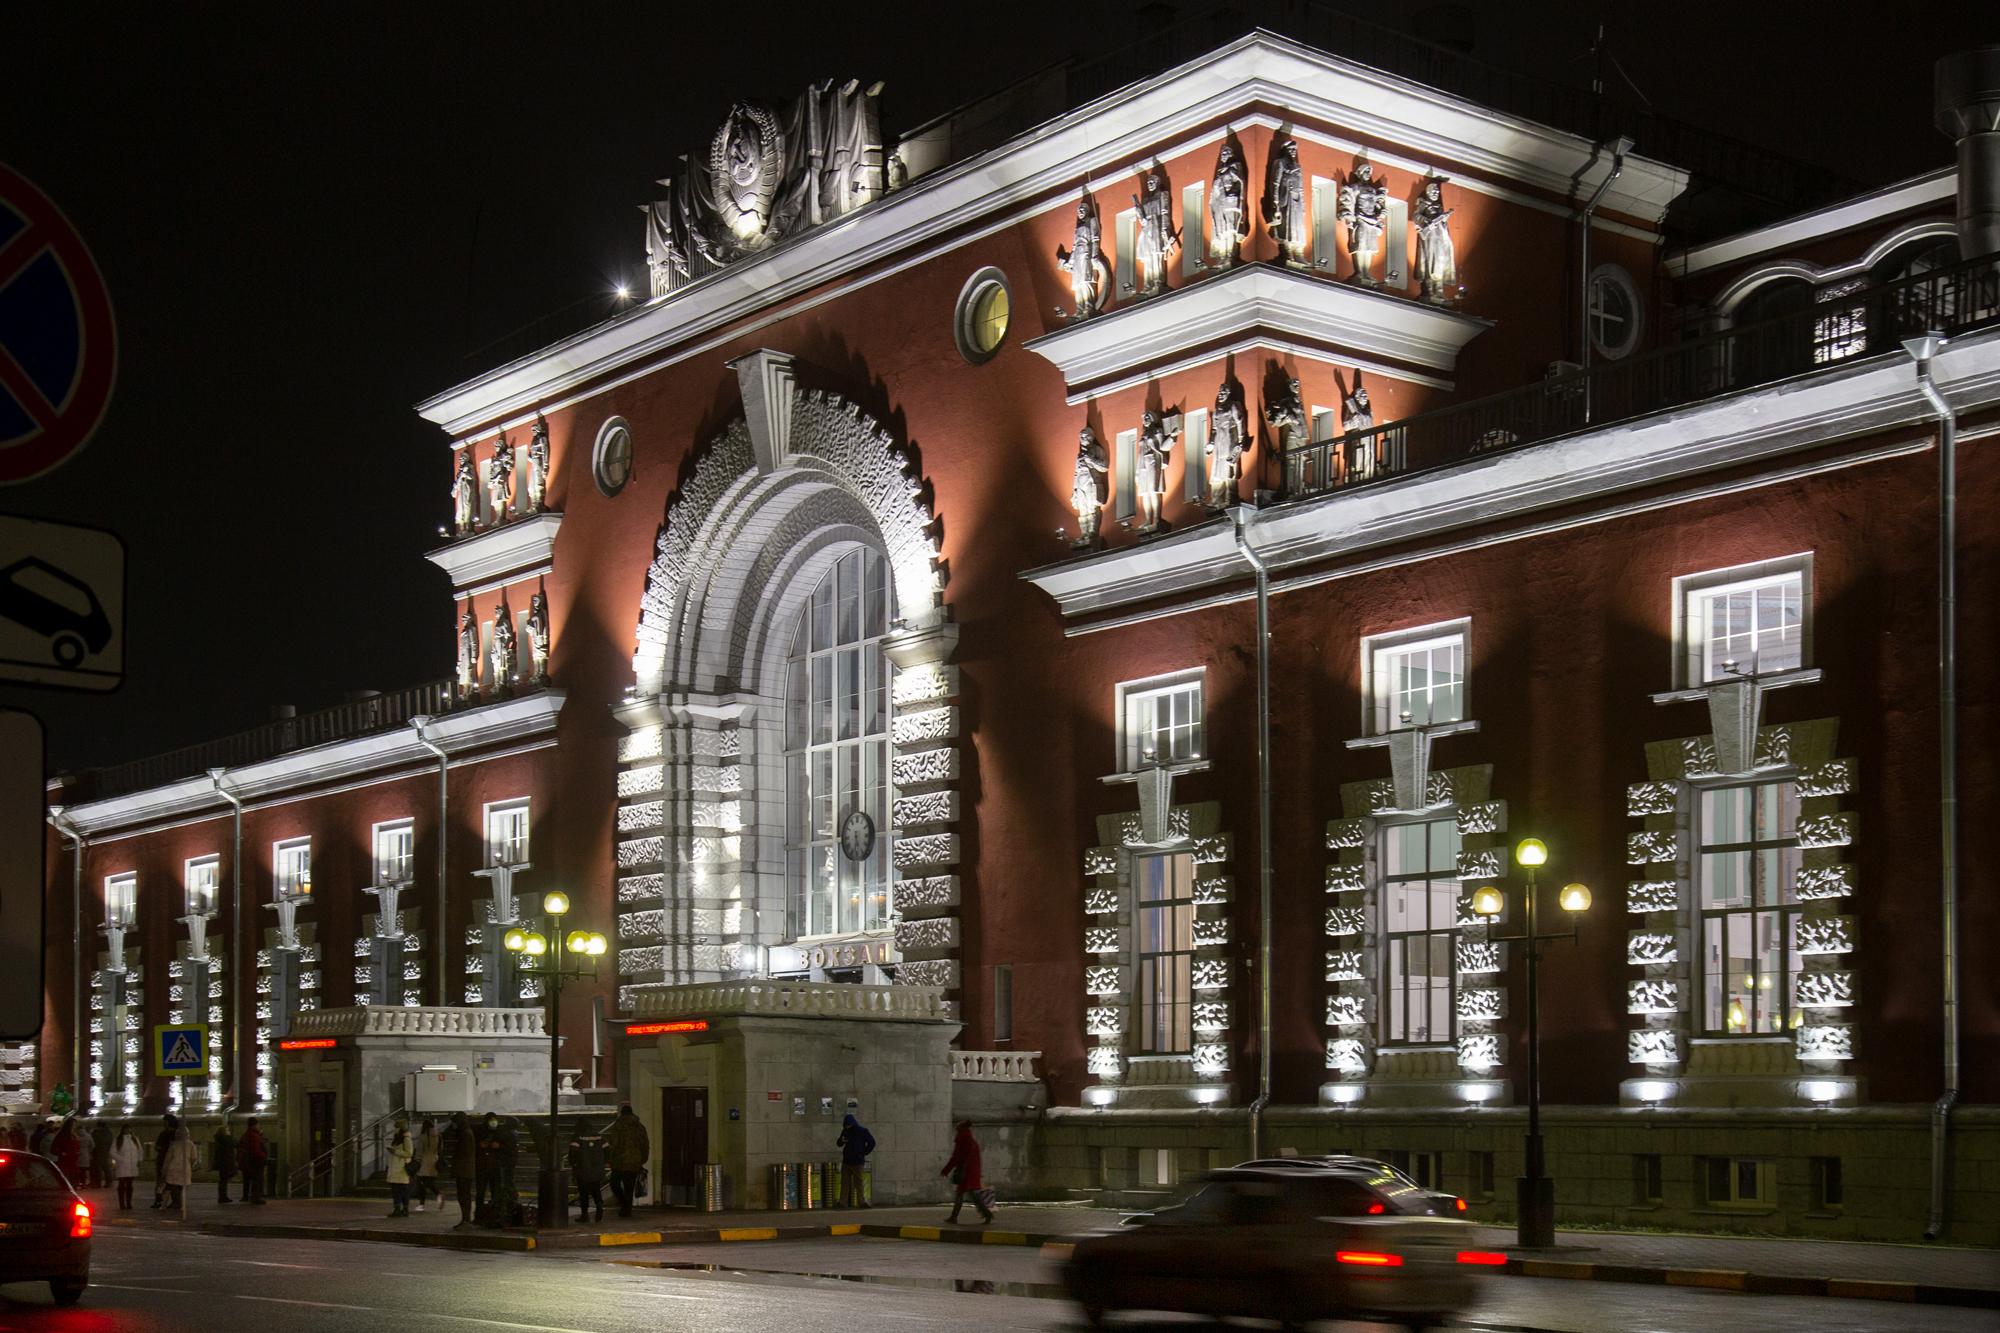 Реализованный проект освещения территории вокзала в городе Курск